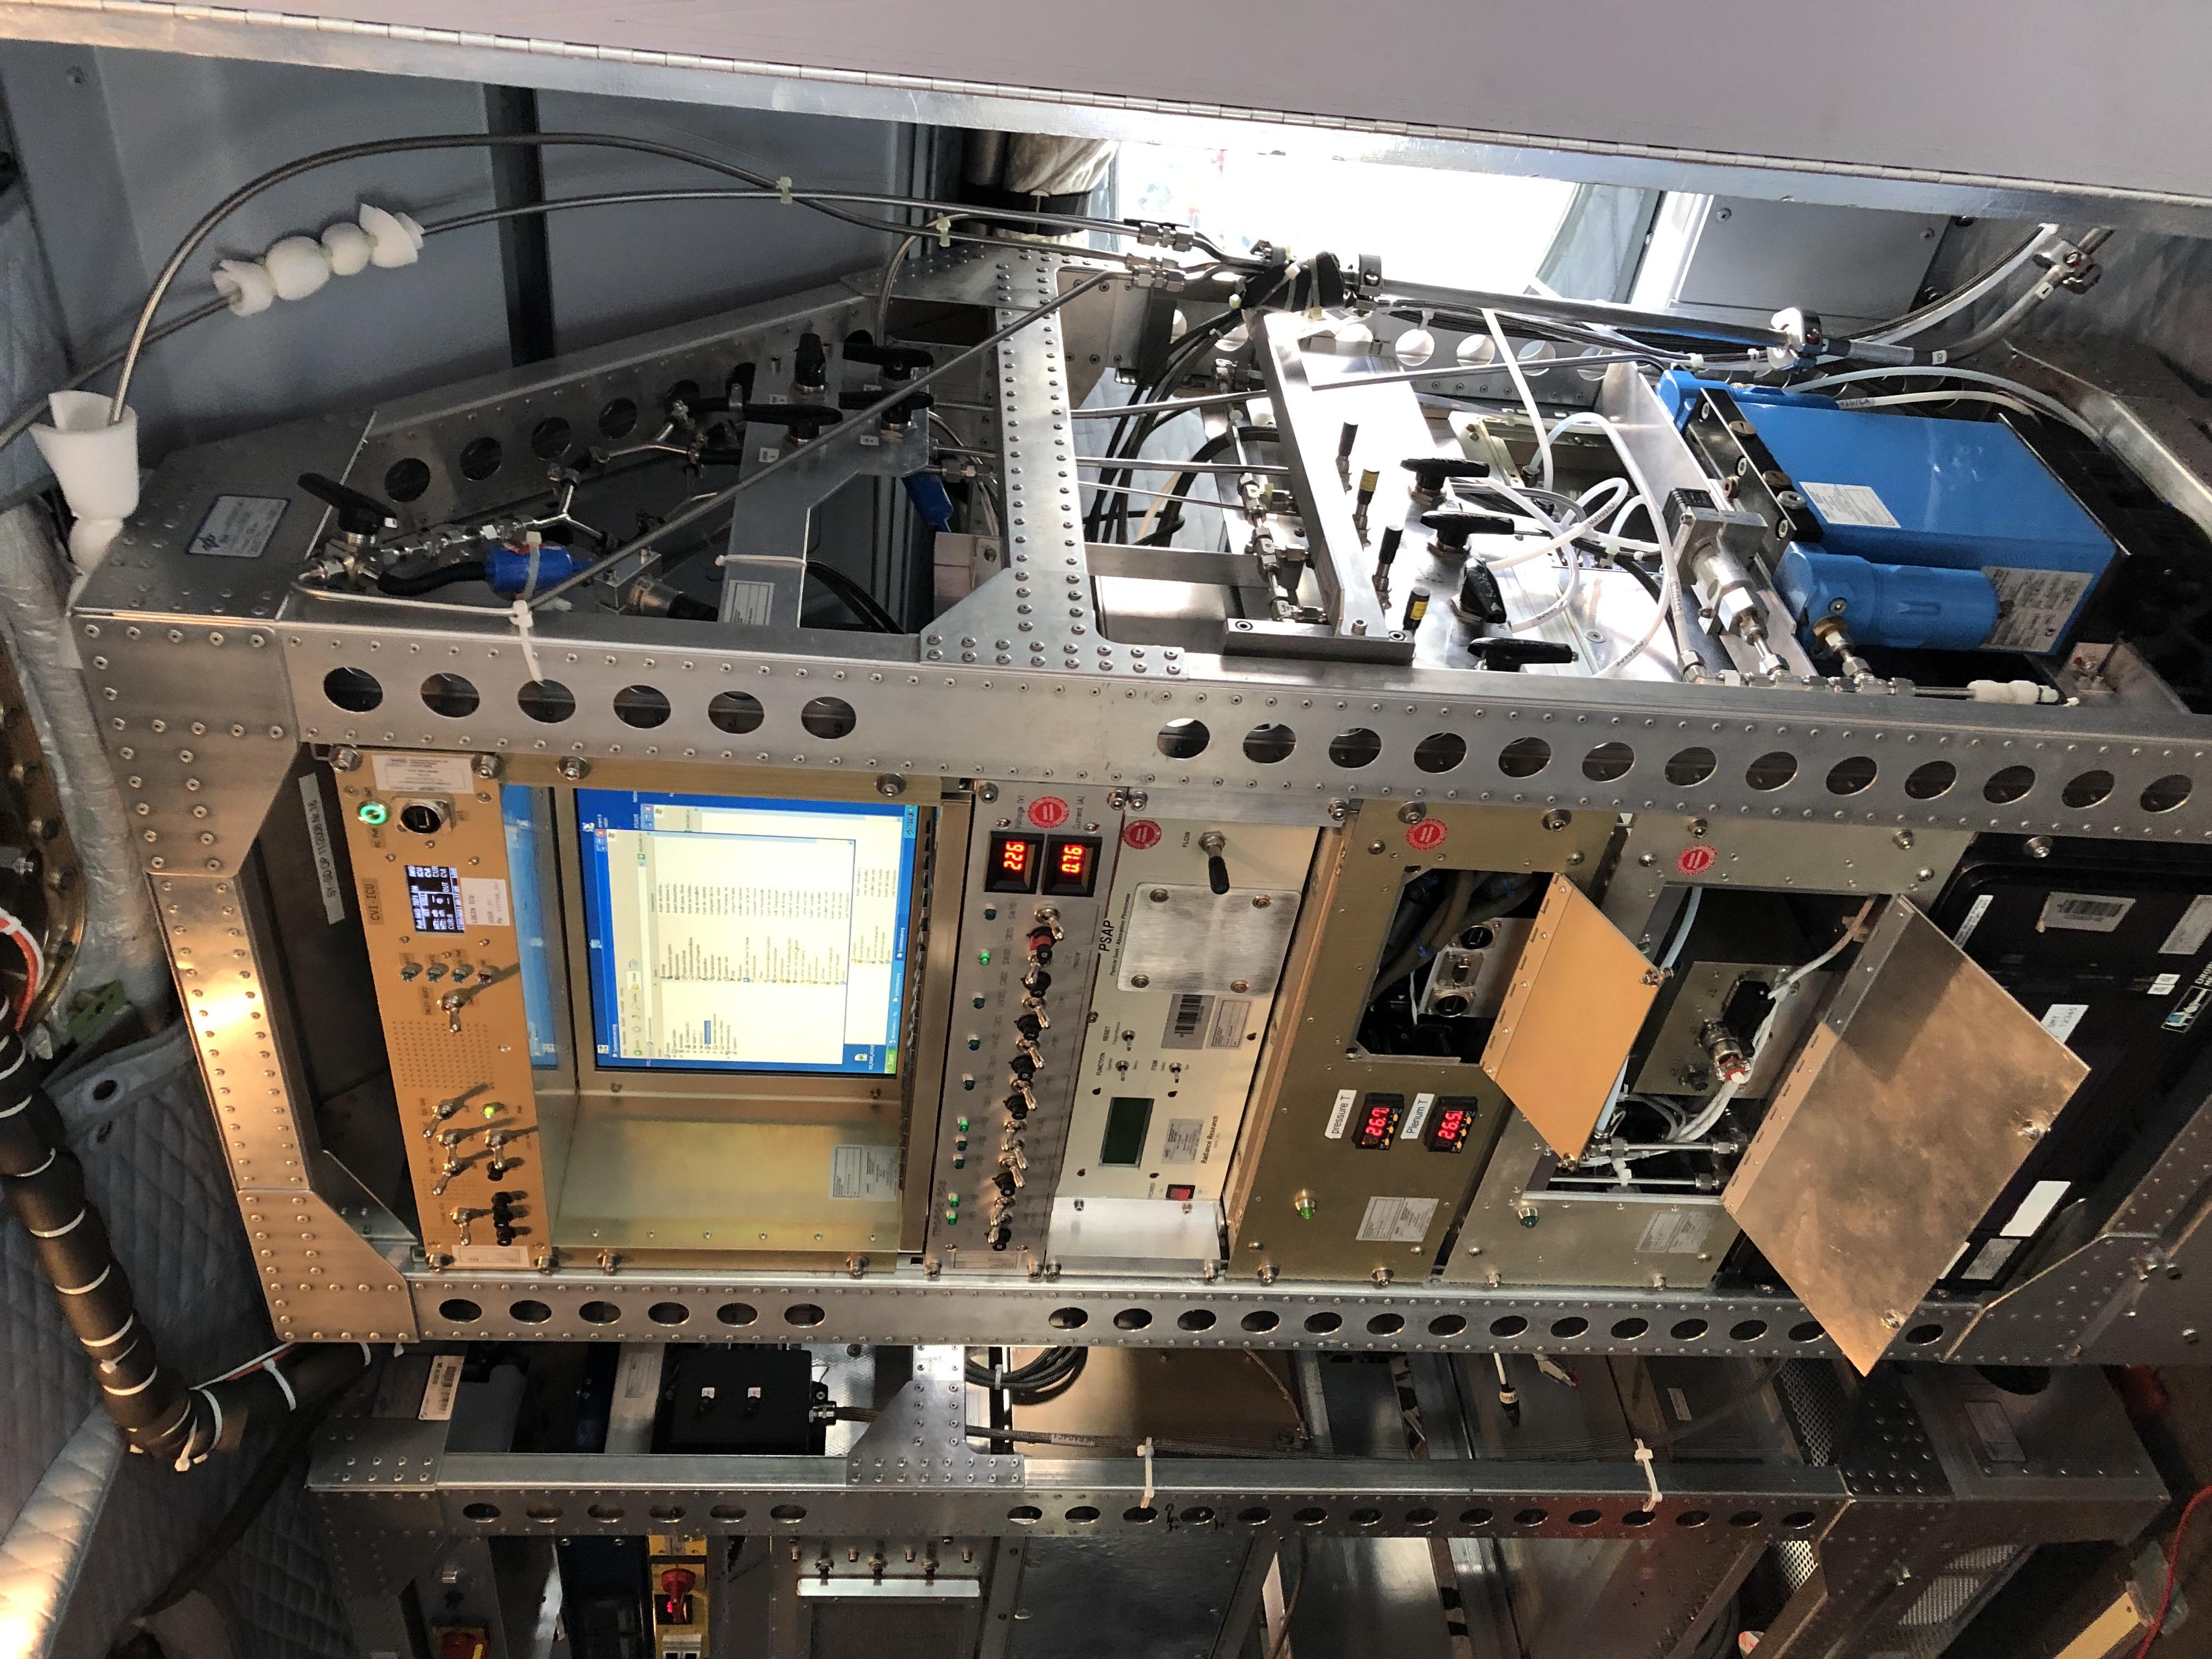 Im Flugzeug befindet sich umfangreiche Messtechnik, die es ermöglicht, beim Flug in die Zirruswolken und Kondensstreifen die Eispartikel zu sammeln, zu verdunsten und die darin befindlichen Aerosolpartikel auf unterschiedlichste Weise zu analysieren. Foto: Stephan Mertes, TROPOS